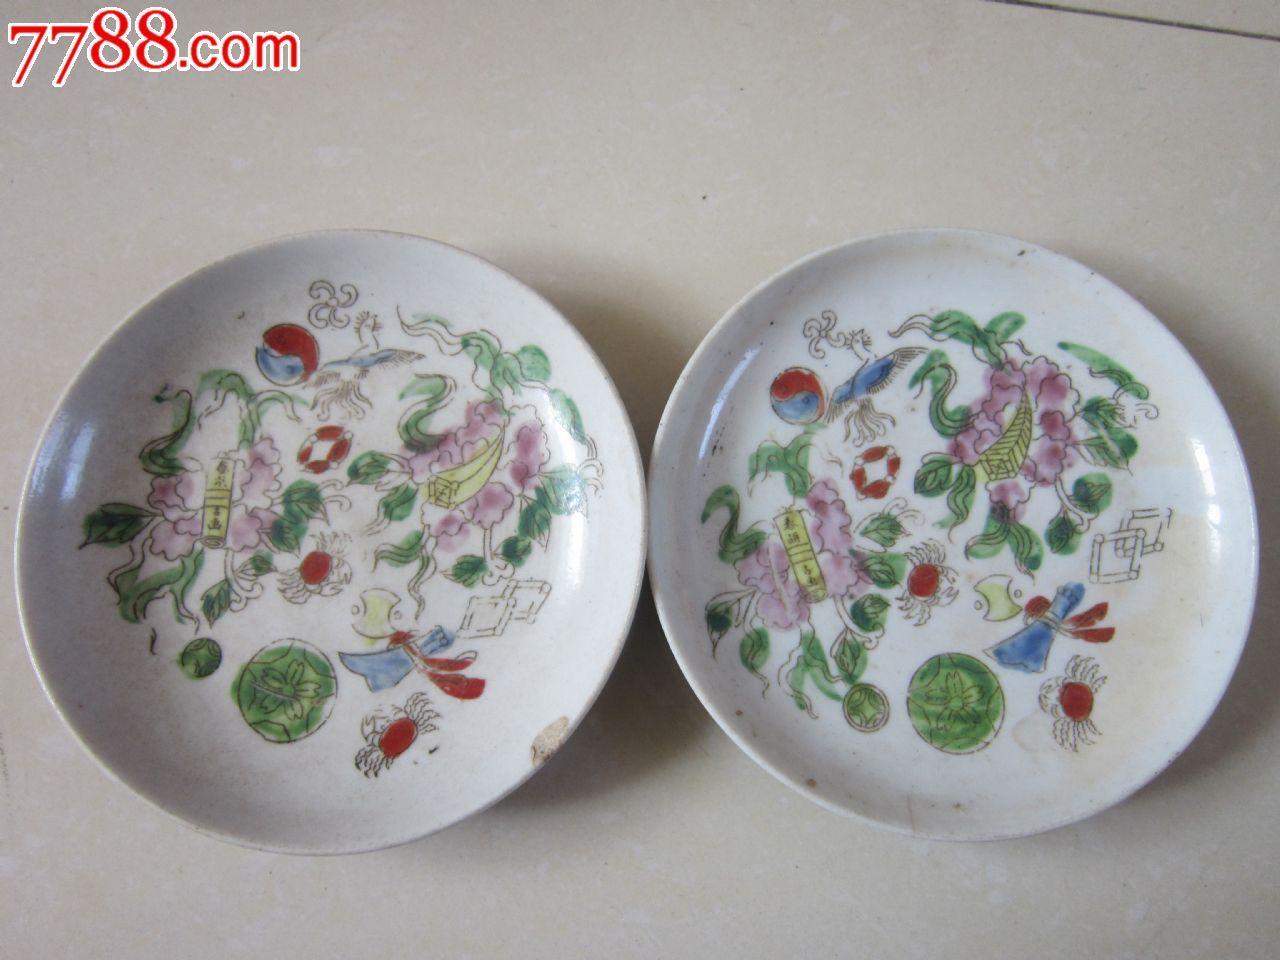 手绘盘子花卉图案